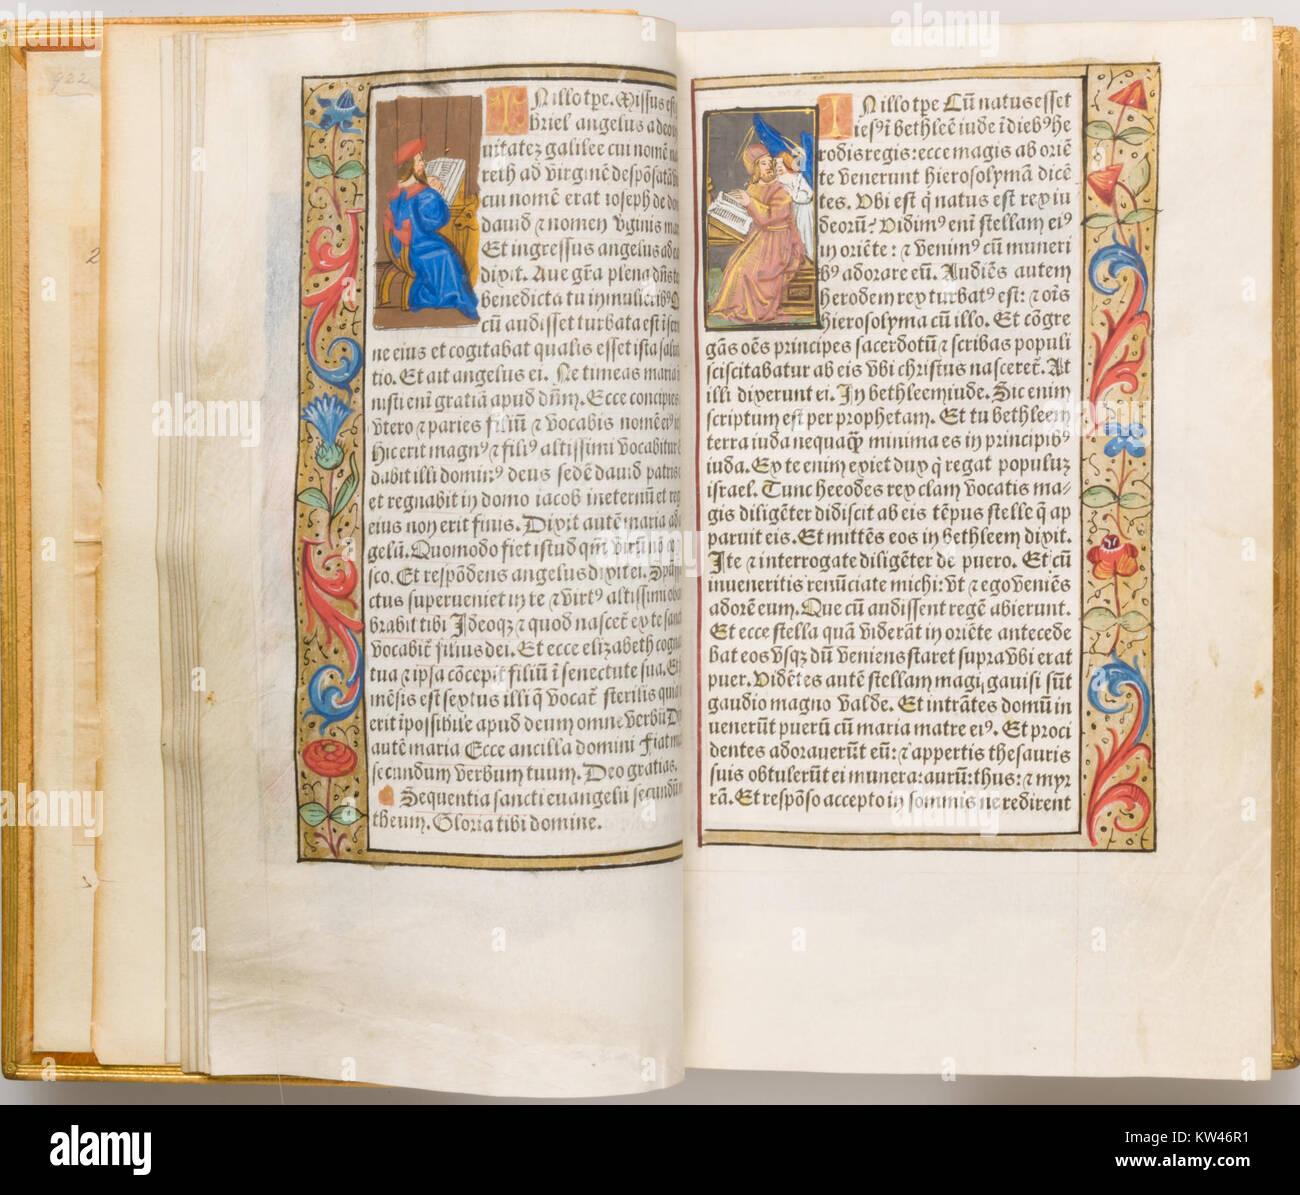 Book of Hours MET LC 89 27 4 s04 - Stock Image